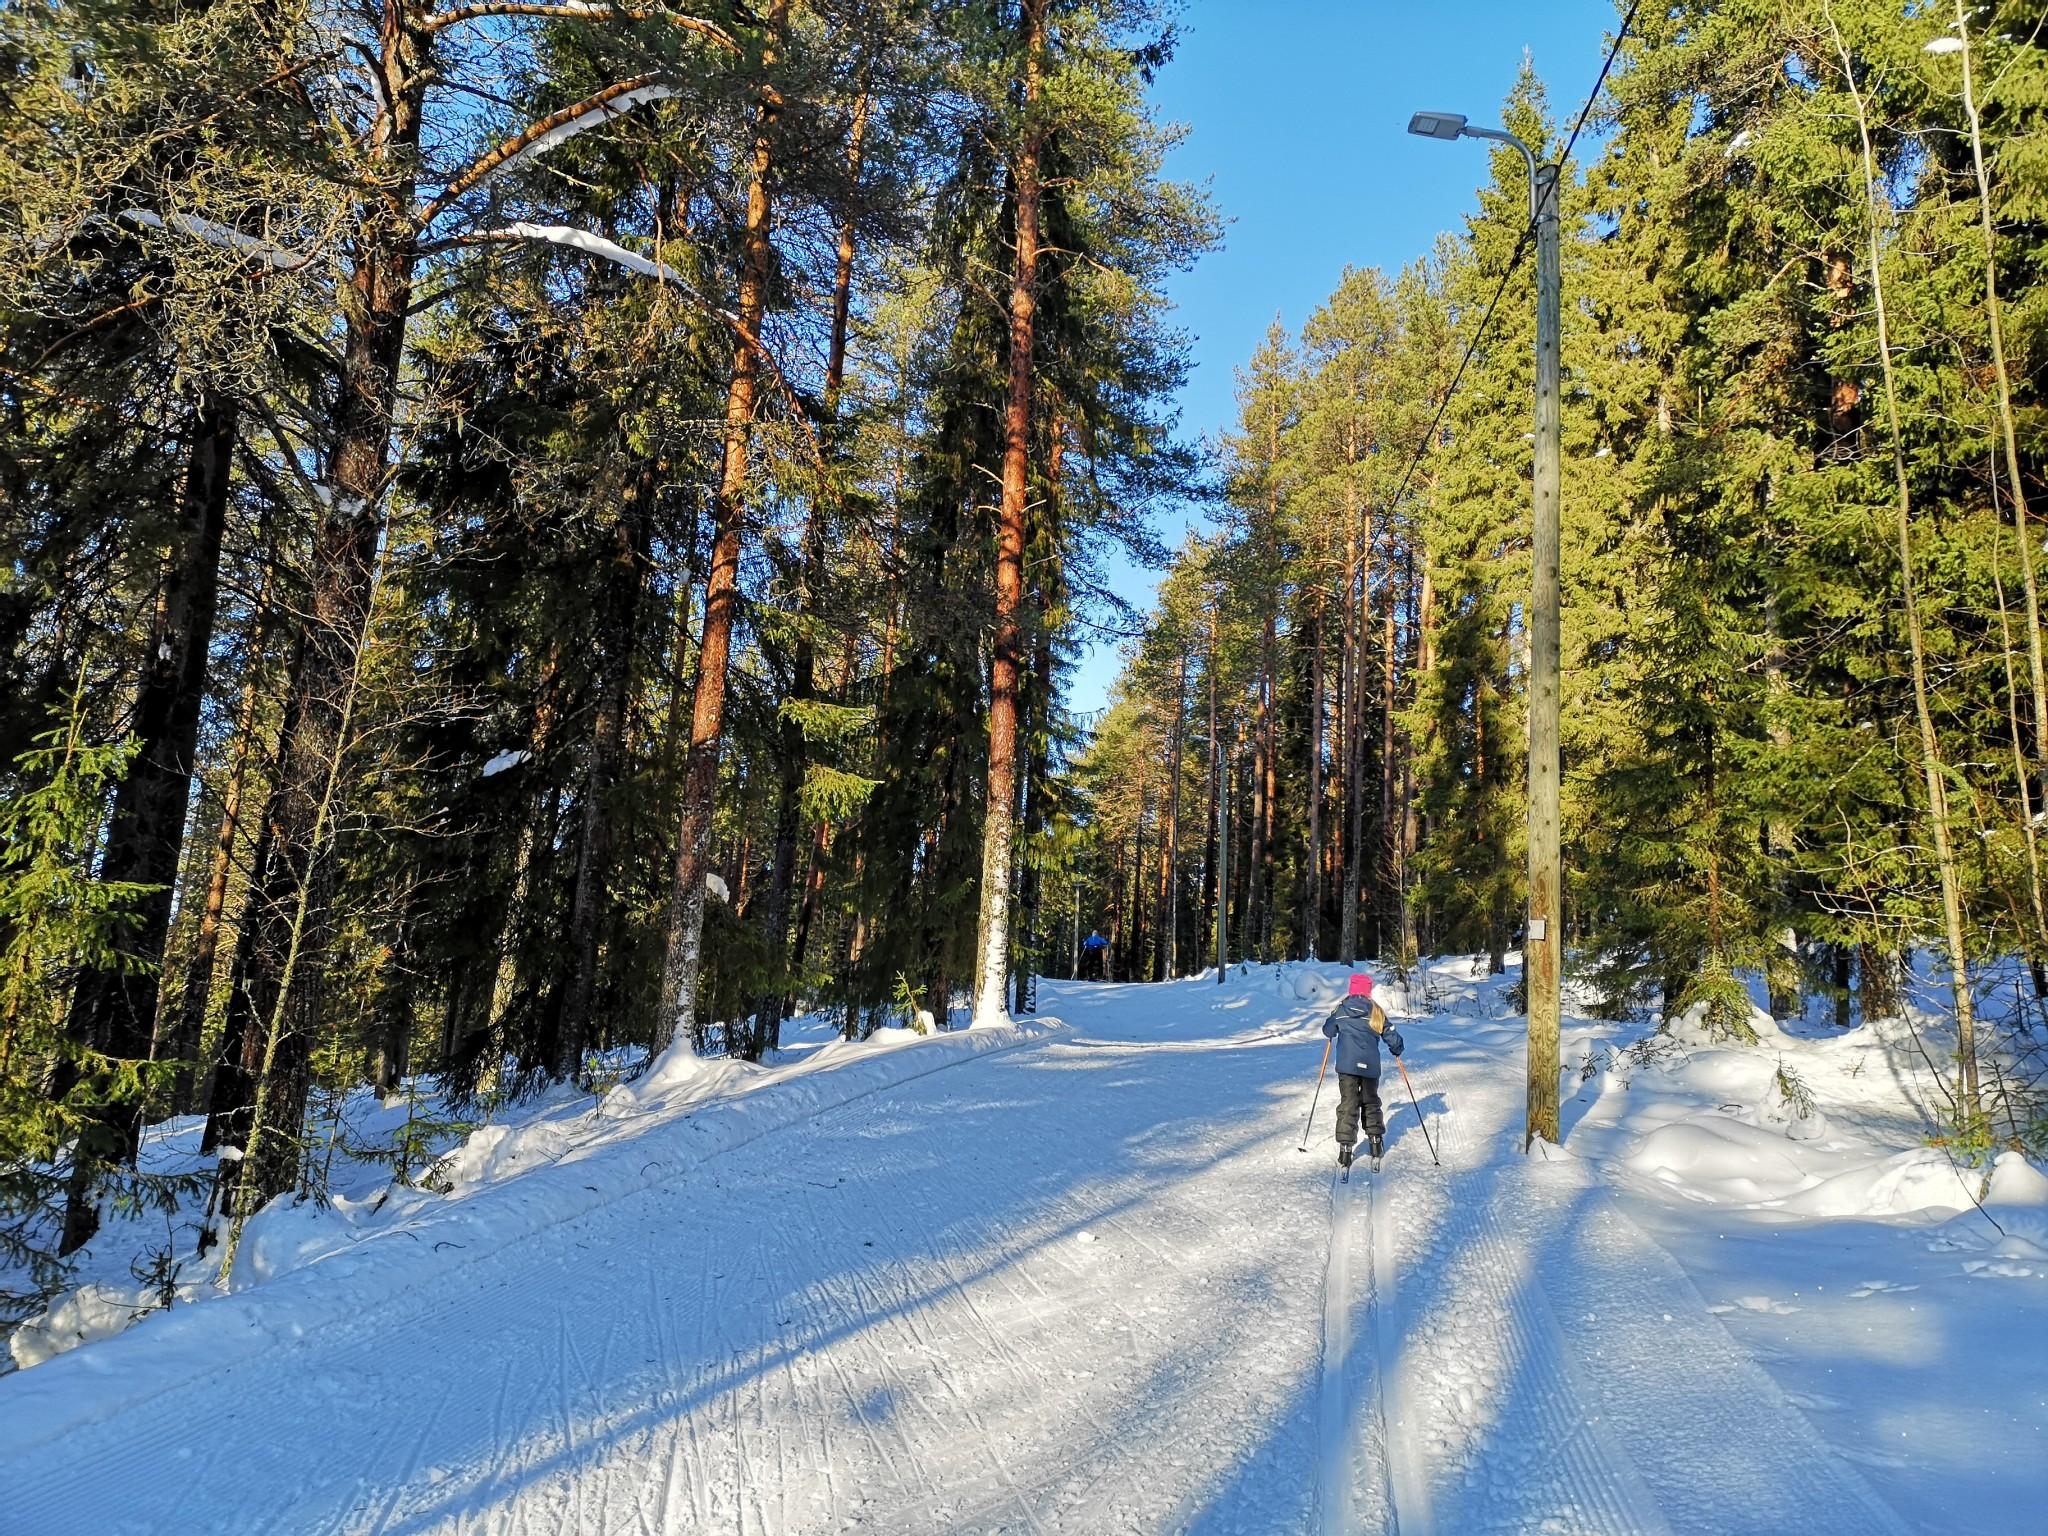 Kohteenanaailma Talviloma Rovaniemellä - Lappi alkaa Ounasvaaralta (3)